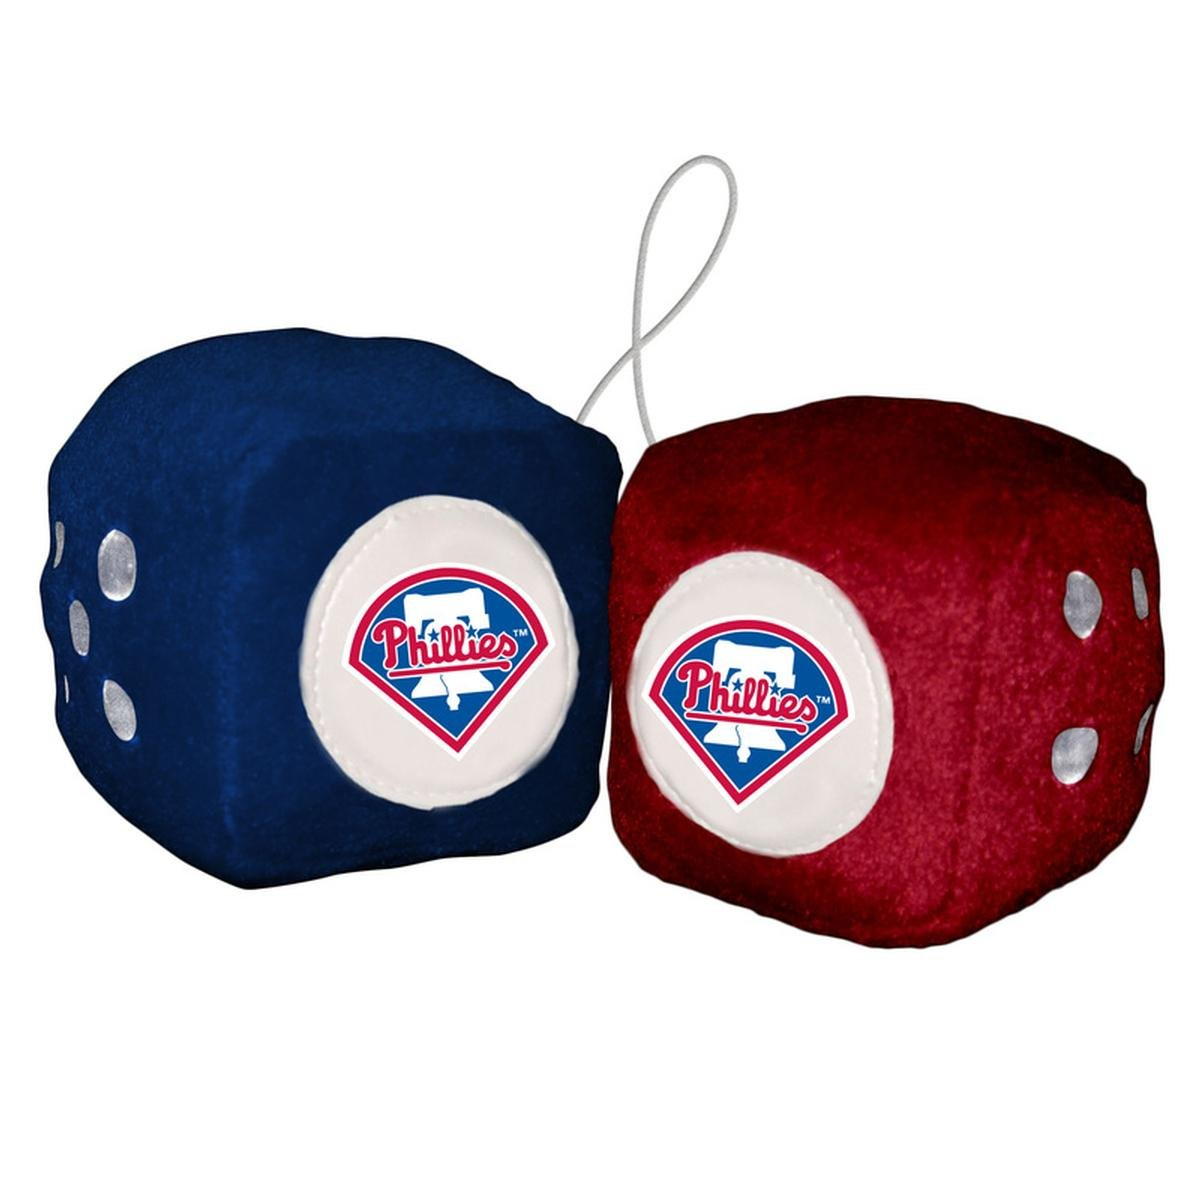 人気が高い MLB Philadelphia MLB Phillies Phillies PlushチームFuzzy Dice、ブルー B00162AK92 B00162AK92, タツノマチ:f65b426f --- cliente.opweb0005.servidorwebfacil.com